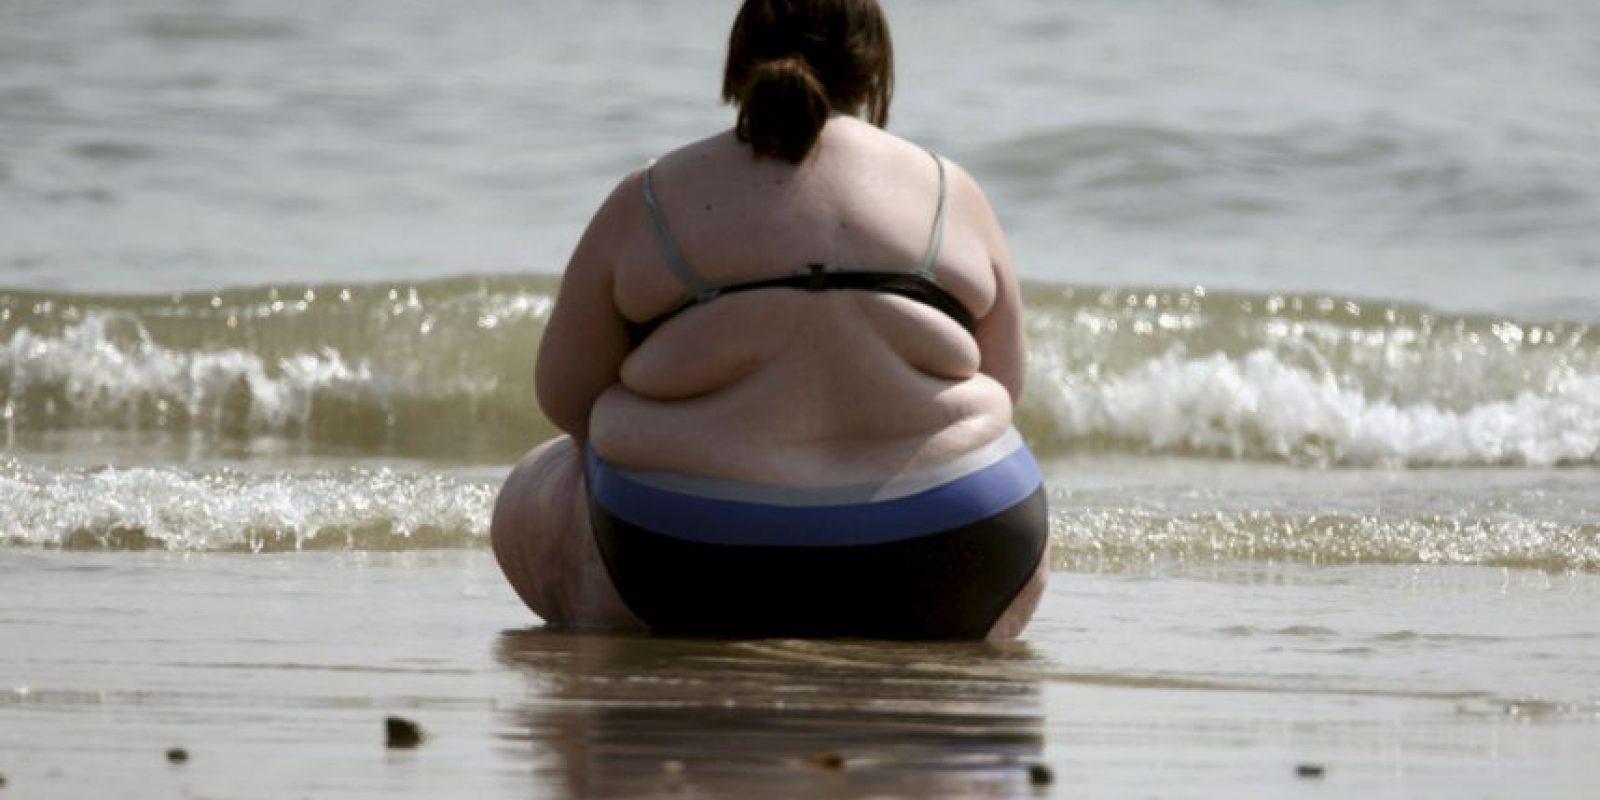 Esteatosis hepática (hígado graso). Las personas obesas tienden a padecer esta enfemedad, ya que el exceso de grasa tiende a ocupar y cubrir a las vísceras. Foto:Getty Images